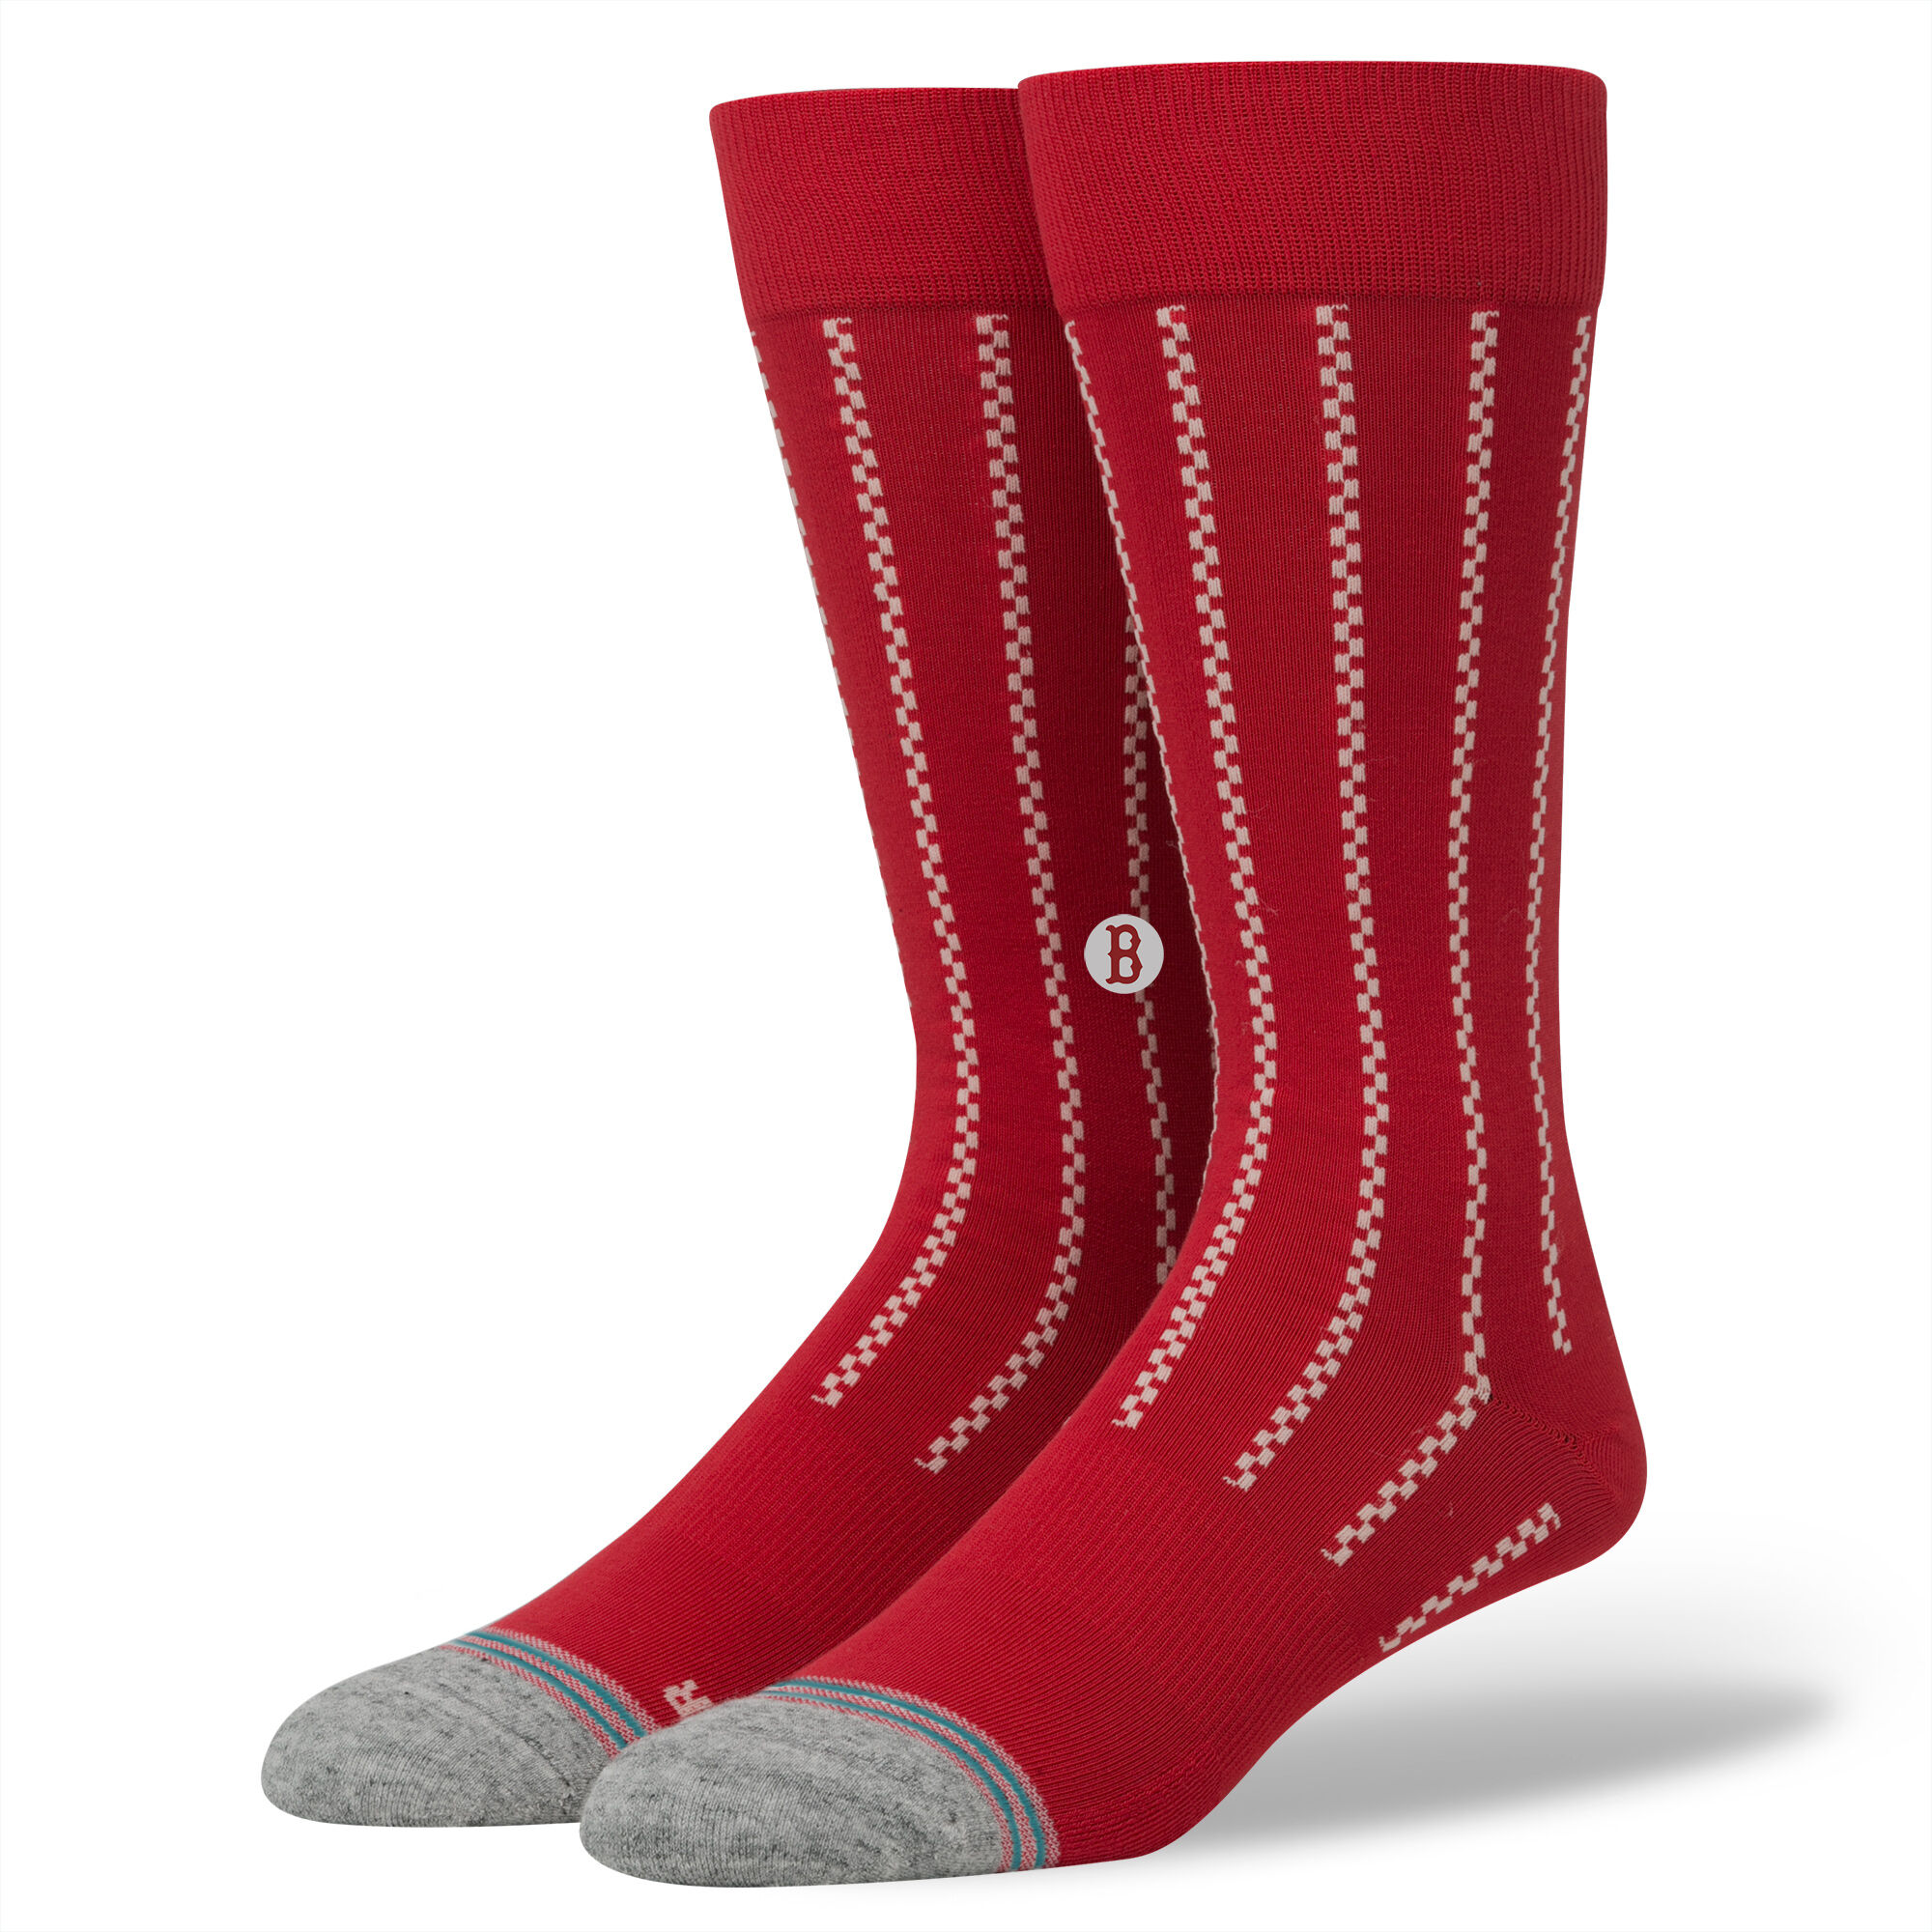 Vintage Red Sox - Mens Dress Socks   Stance